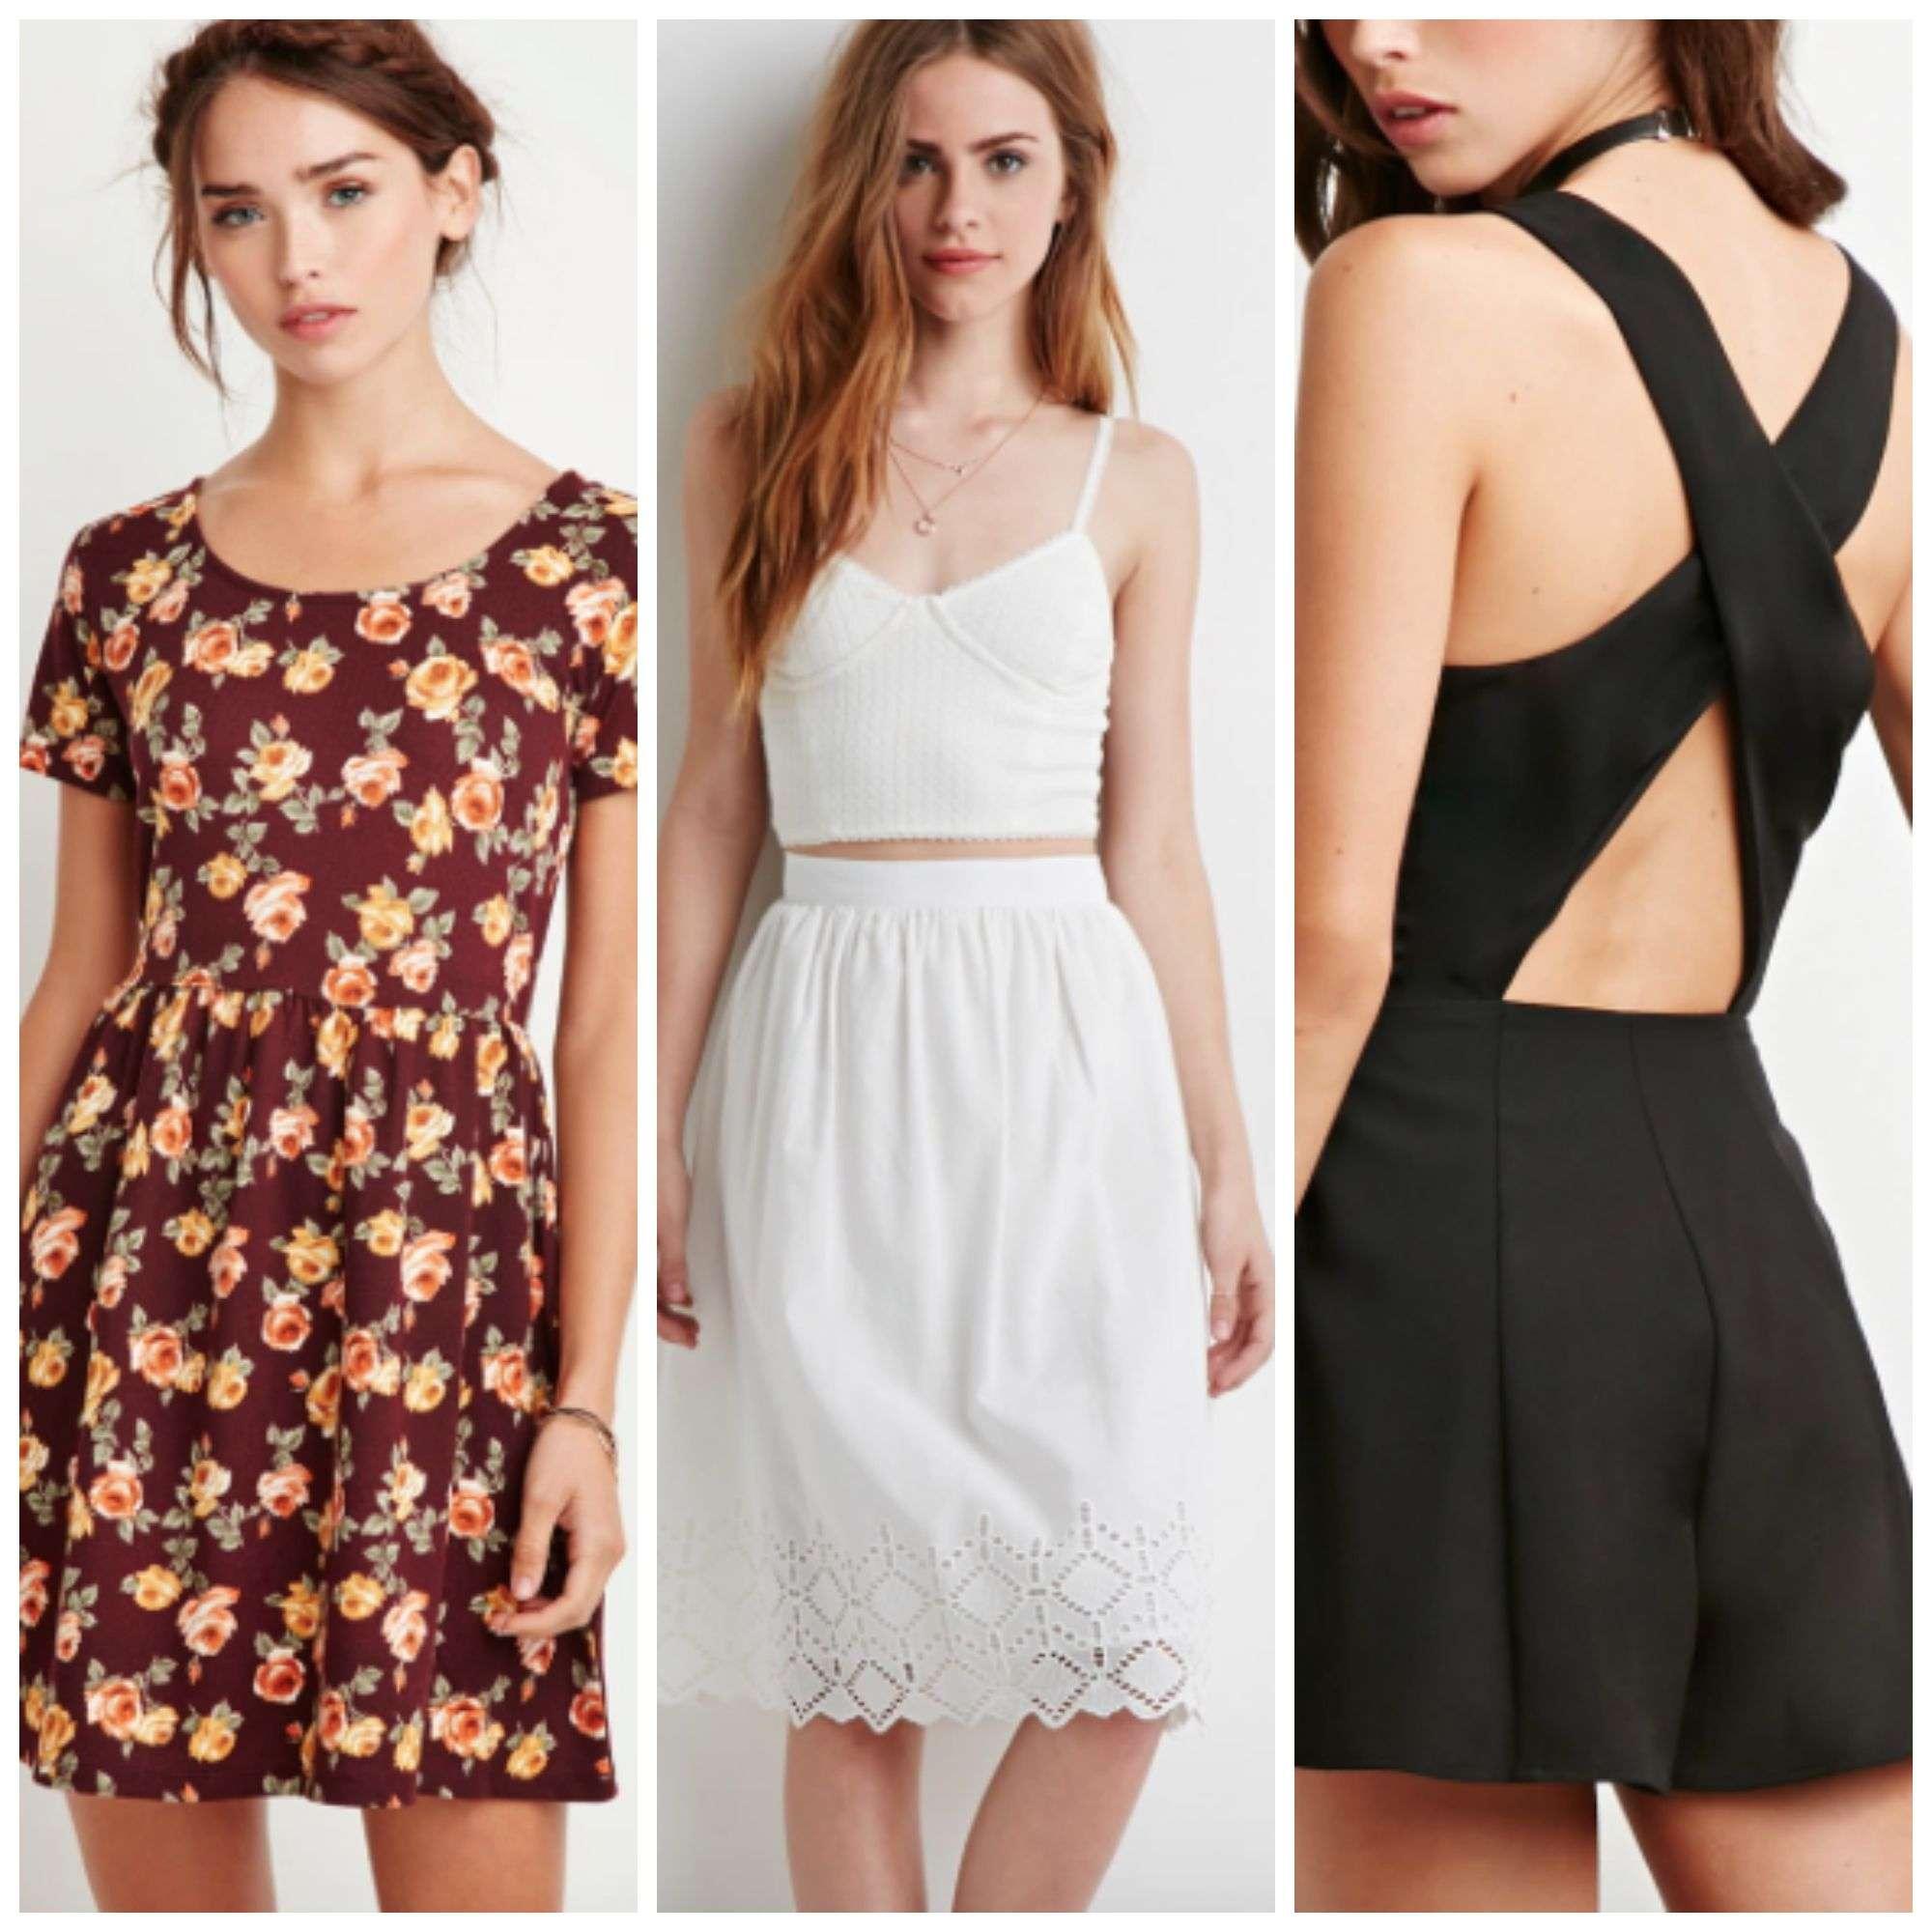 5 tendencias de moda al mejor precio en forever 21 - Q esta de moda en ropa ...